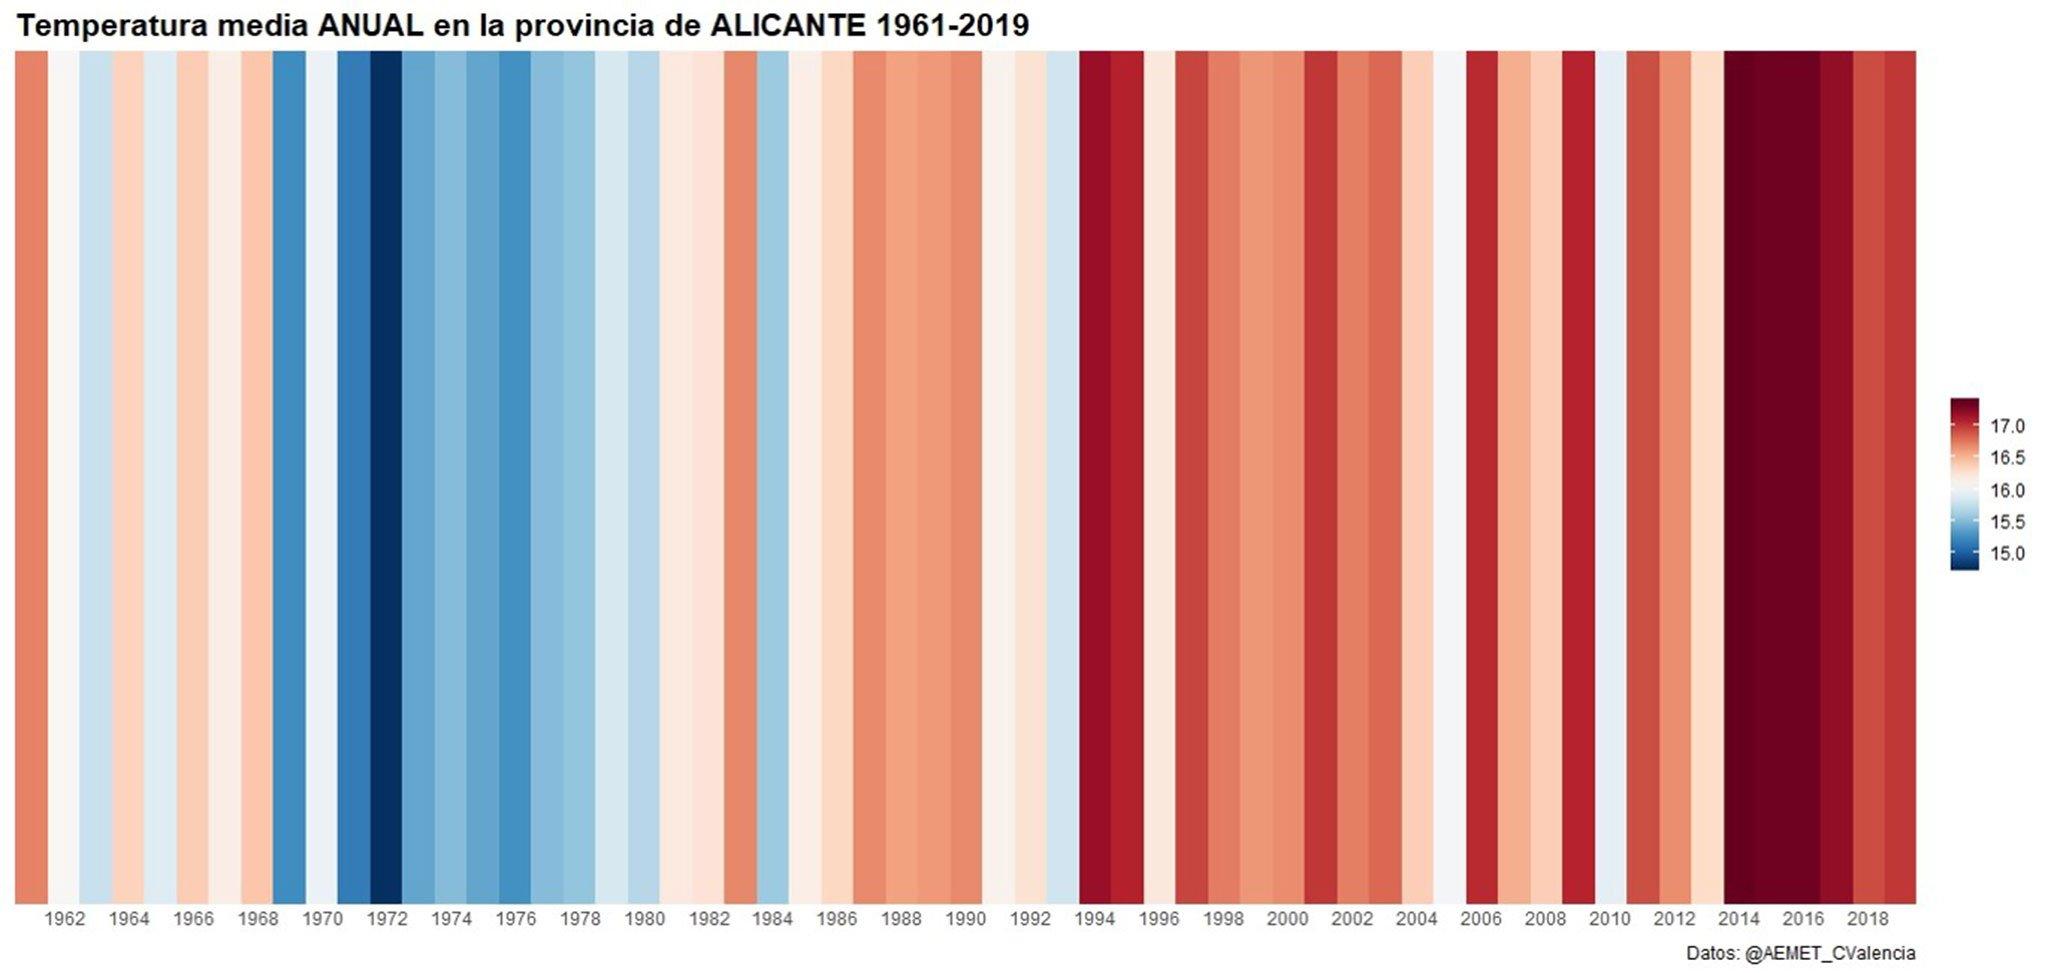 Barres d'escalfament de la província d'Alacant: Font: AEMET